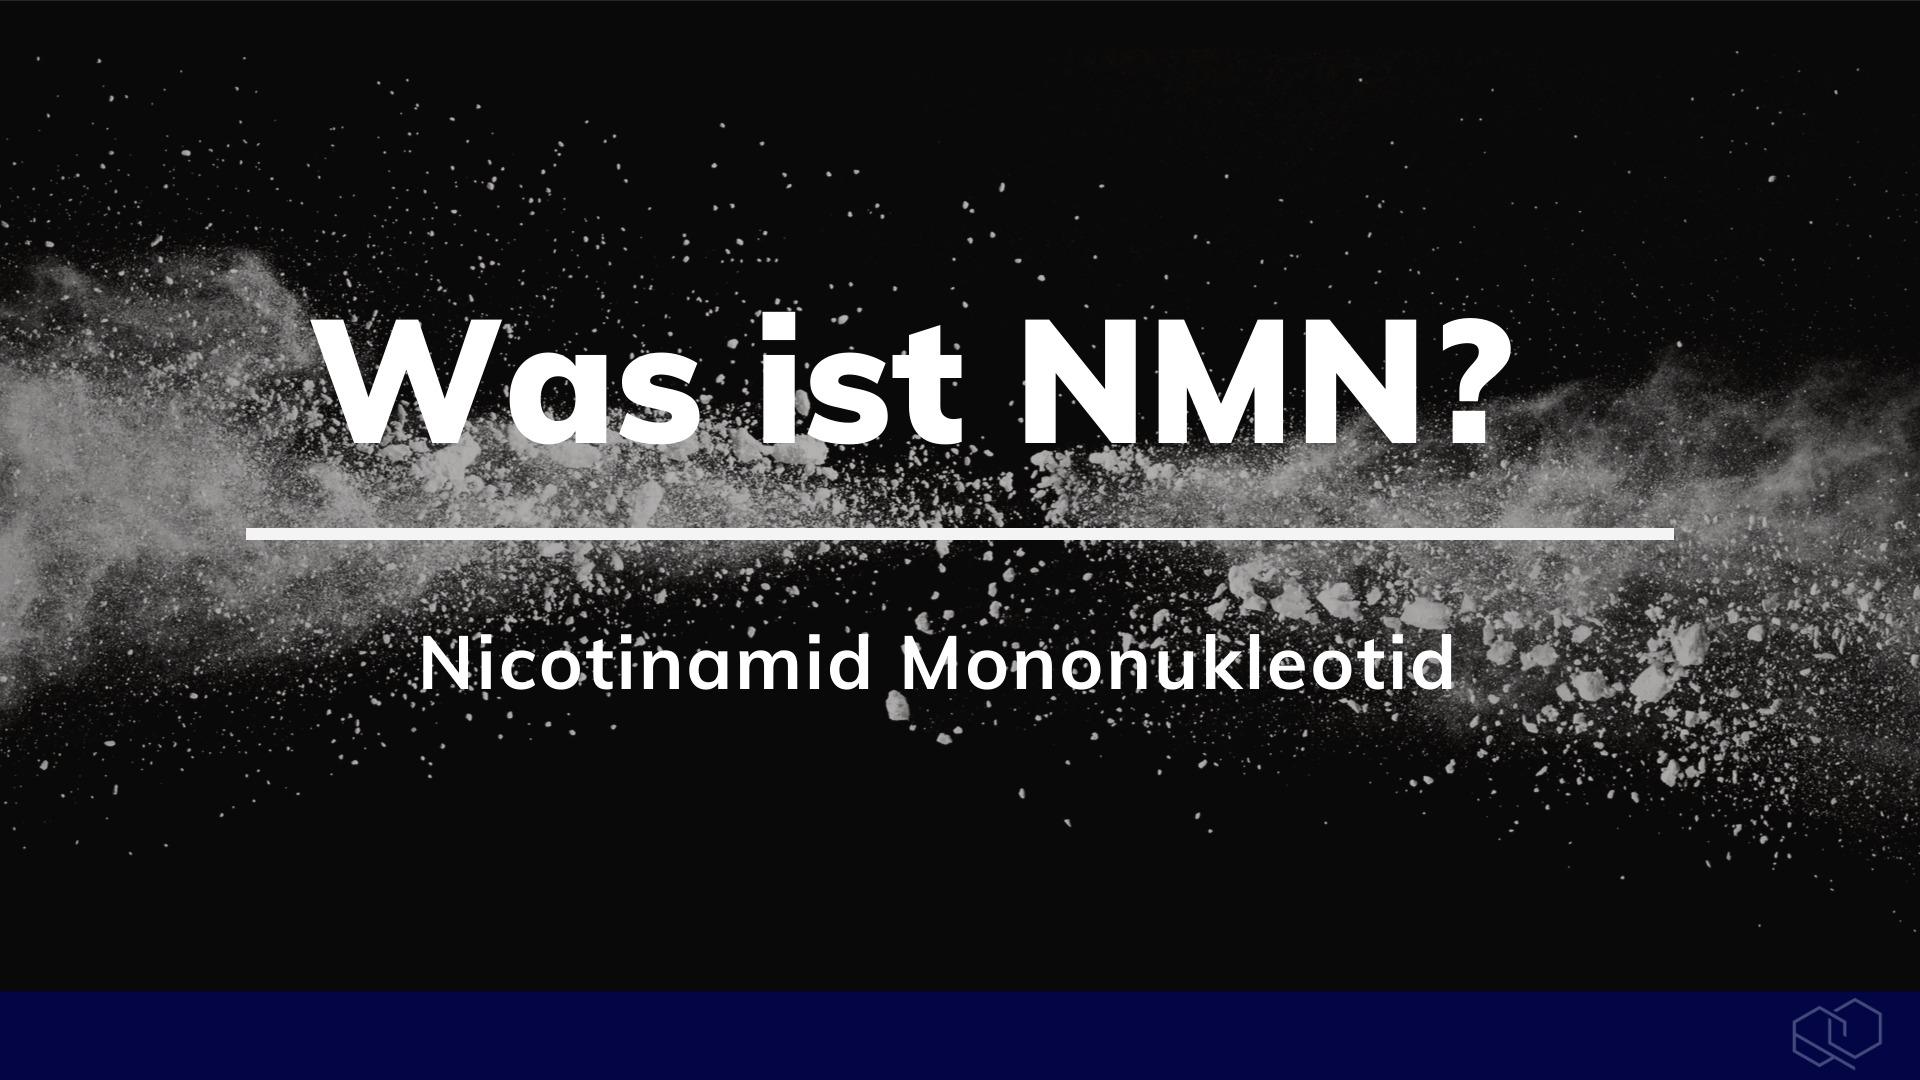 Was ist NMN? Nicotinamid Mononukleotid